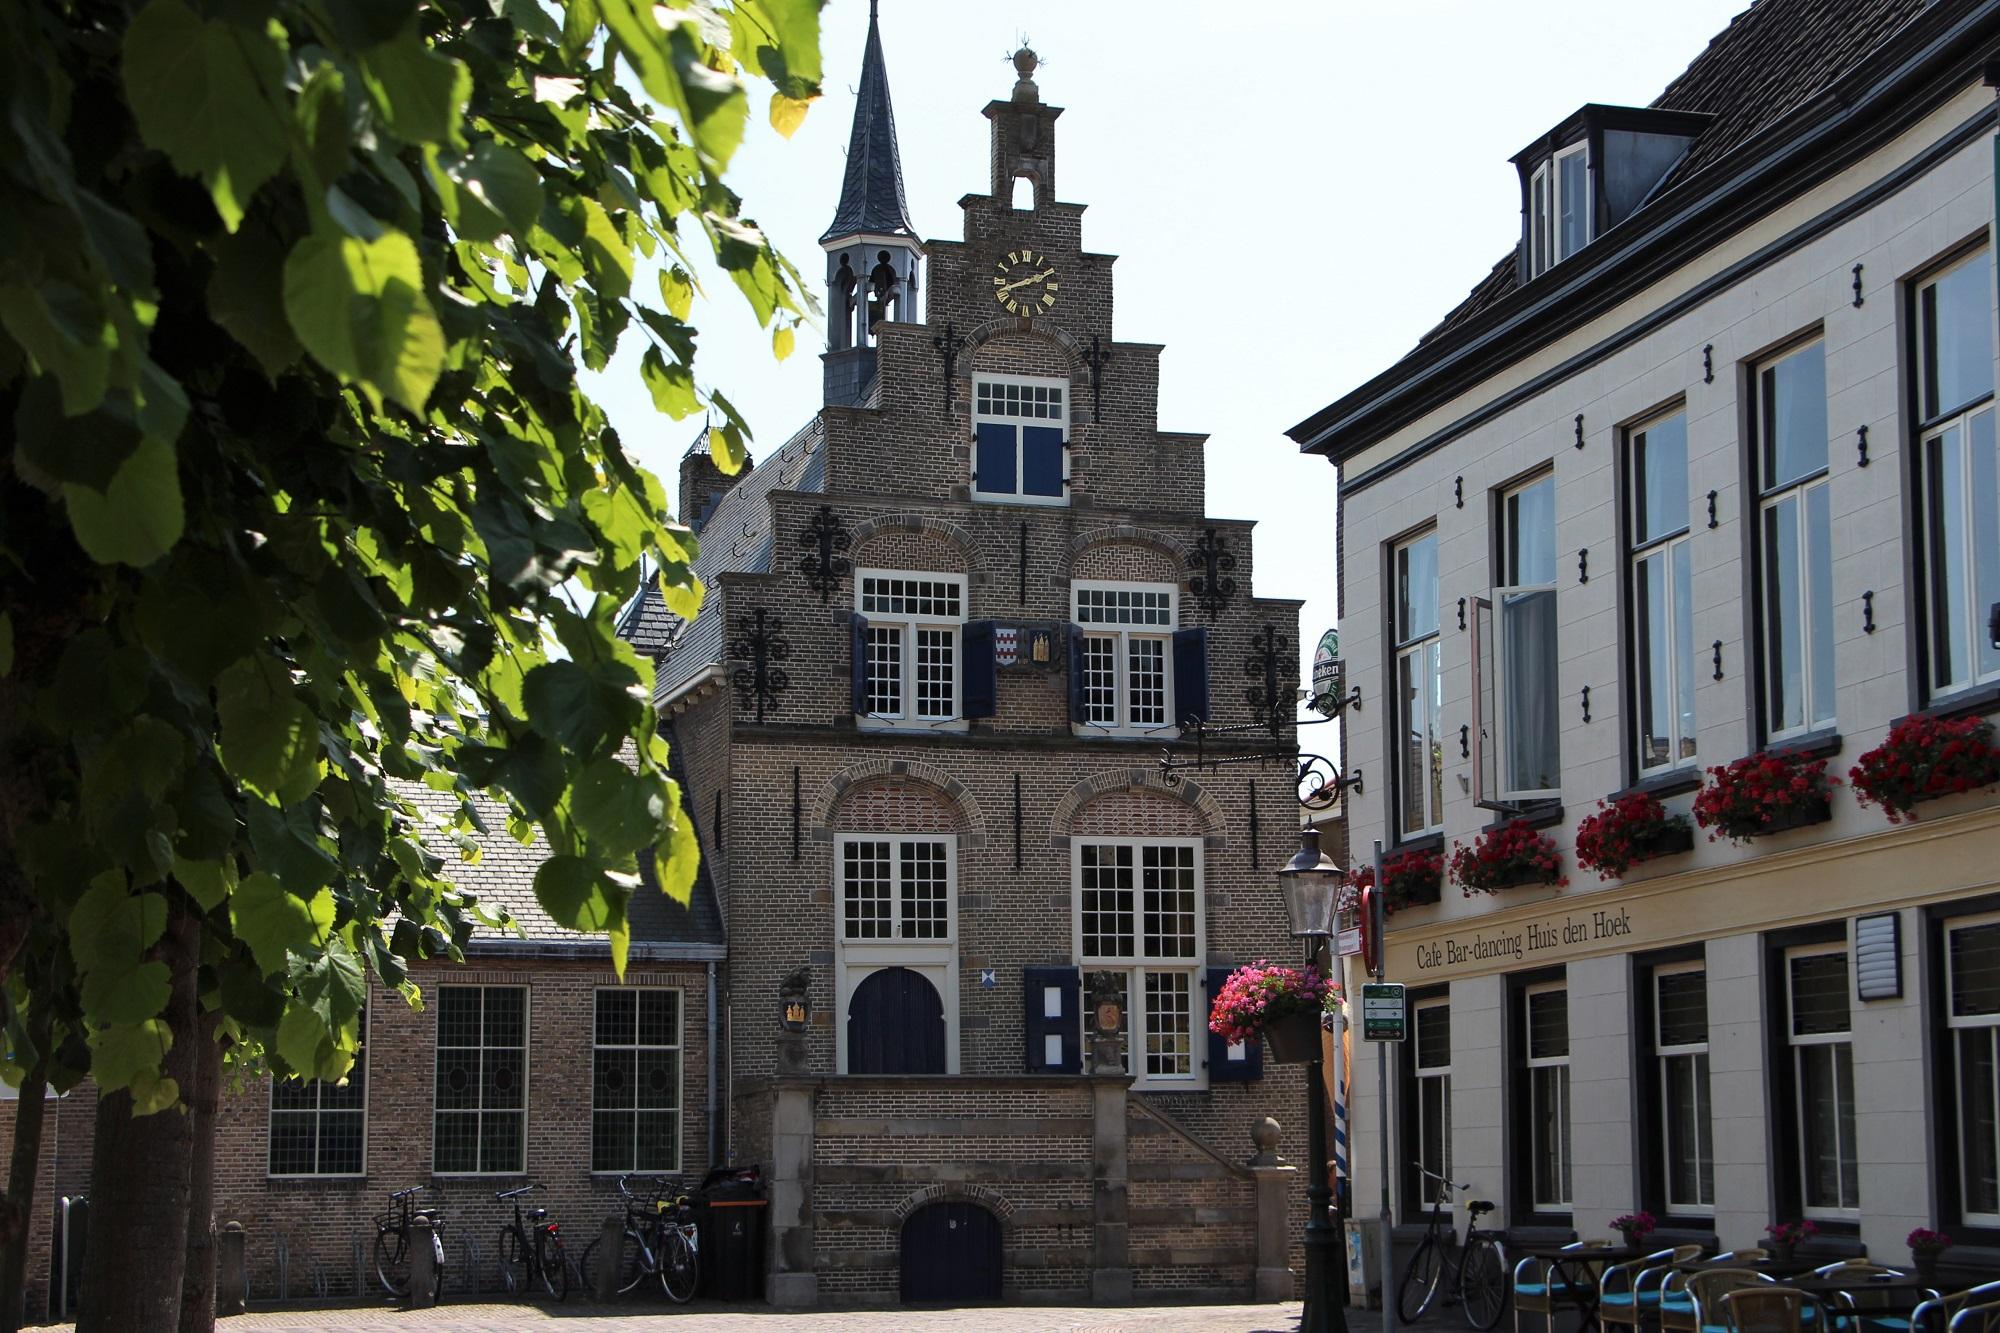 Trouwen kan voorlopig nog in Haastrecht - PvdA Krimpenerwaard